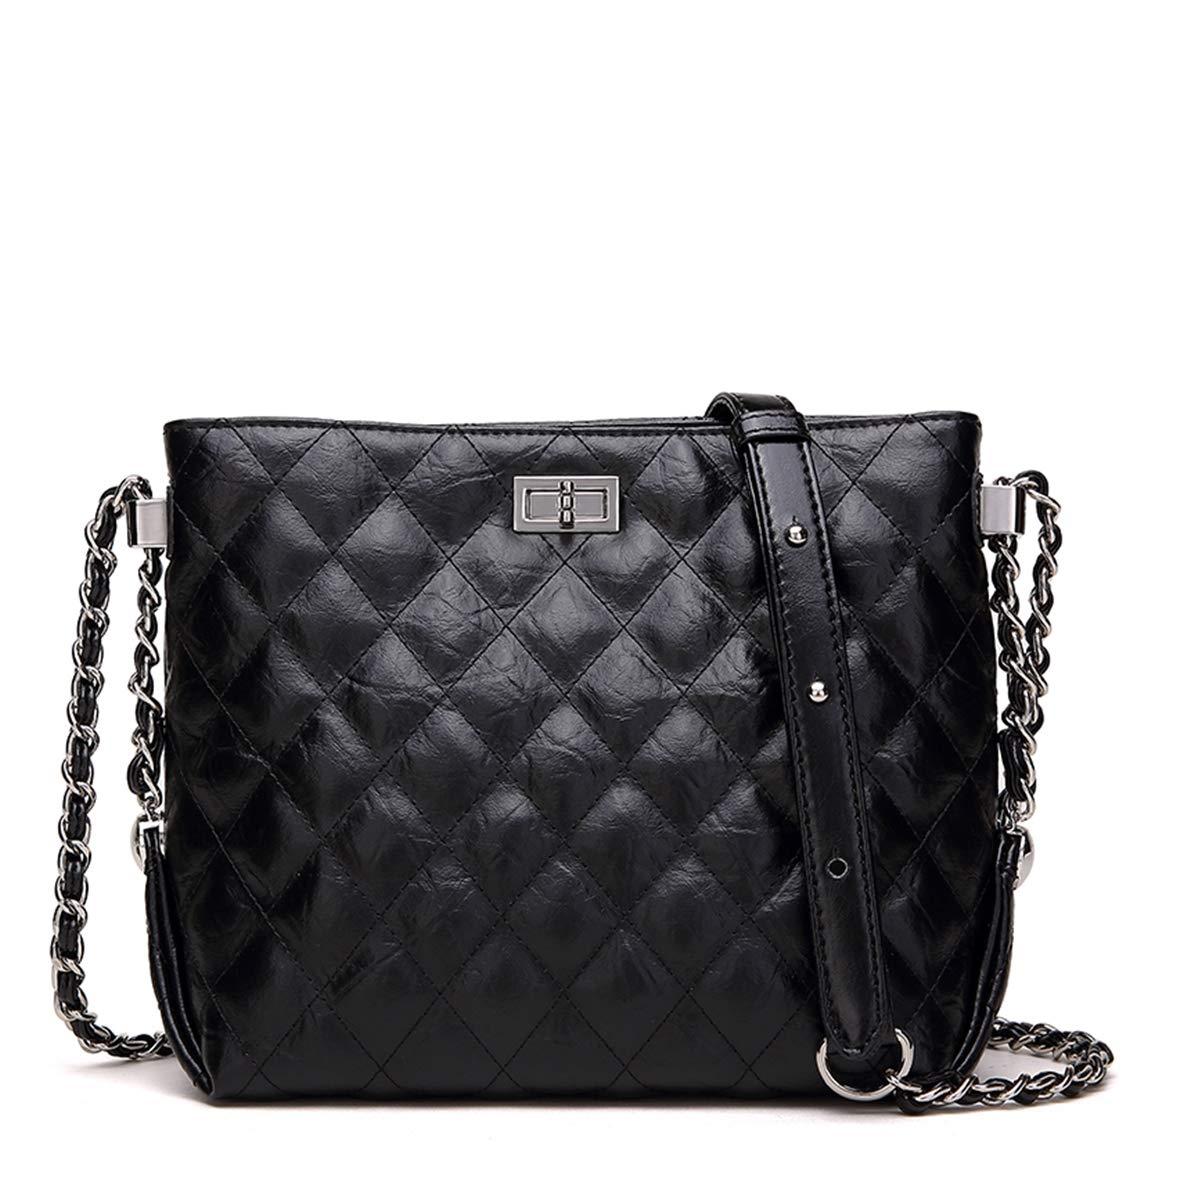 f3c8bdddc2 Neverout Quilted Chain Shoulder Bag for Women Split Leather Zipper Handbags  Purse (NP2119S) (Black-02)  Handbags  Amazon.com